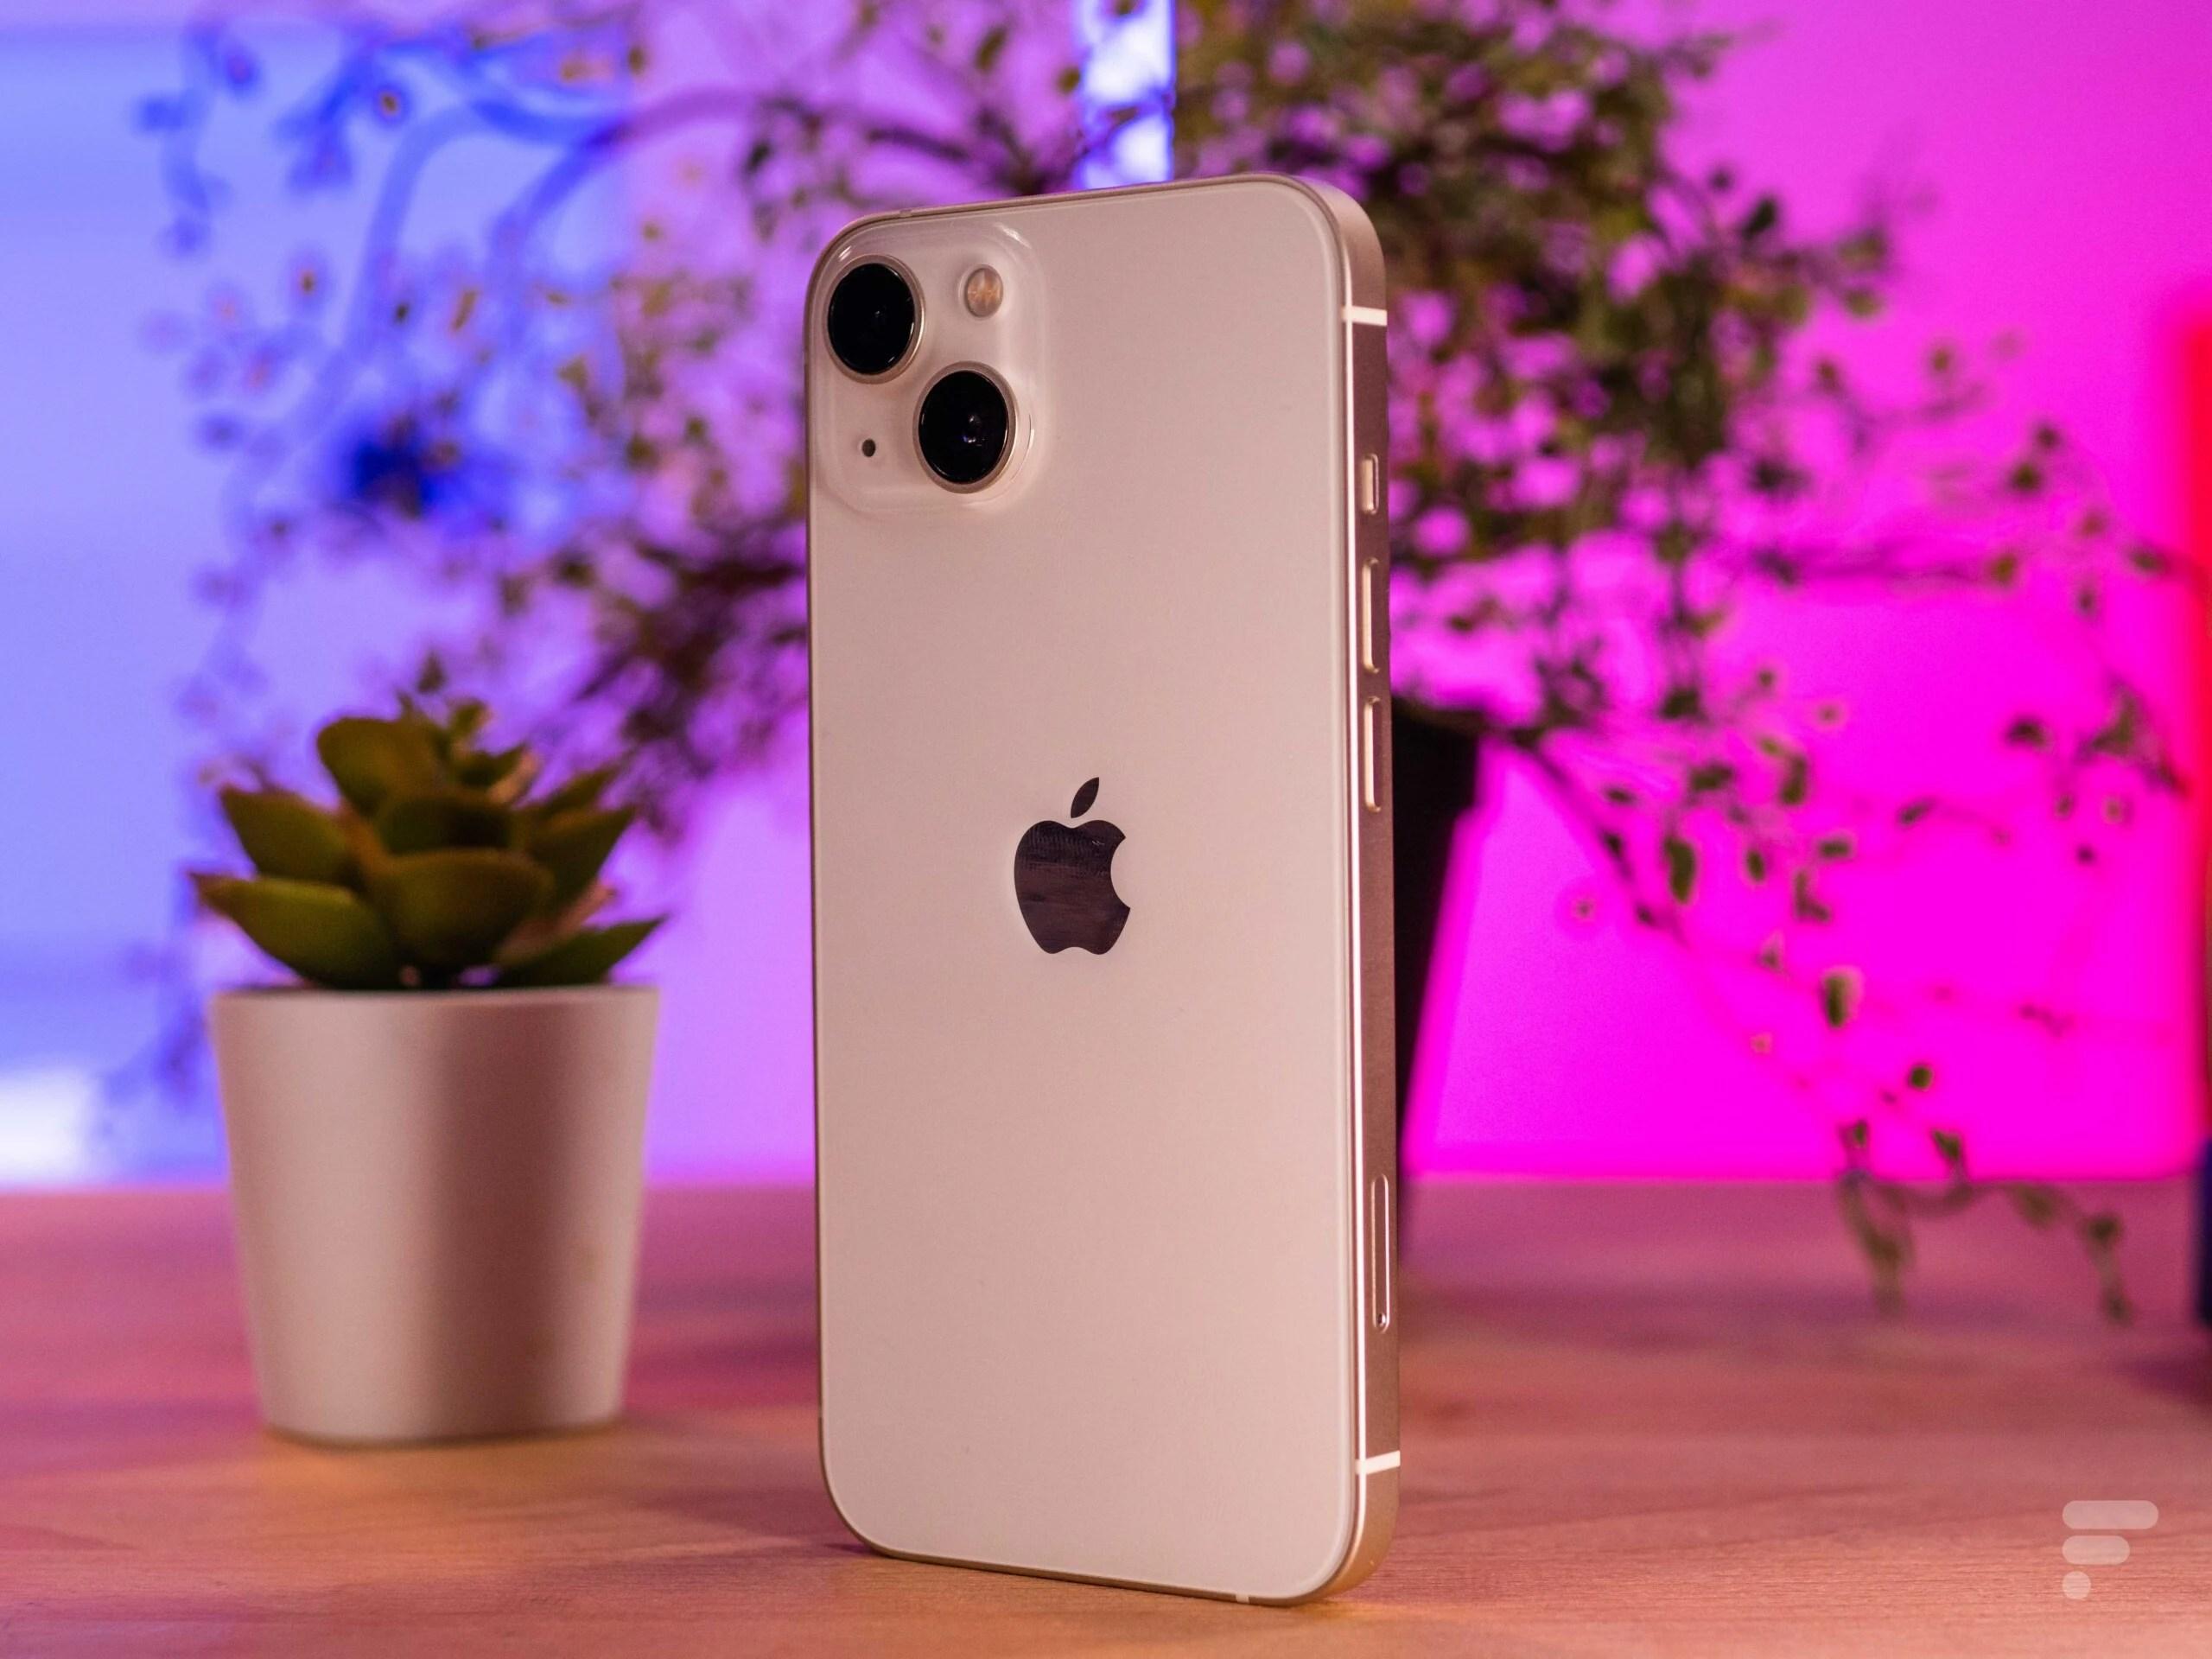 Grâce au forfait 5G 120 Go de SFR, obtenez l'iPhone 13 à 279 euros (+8€/mois)